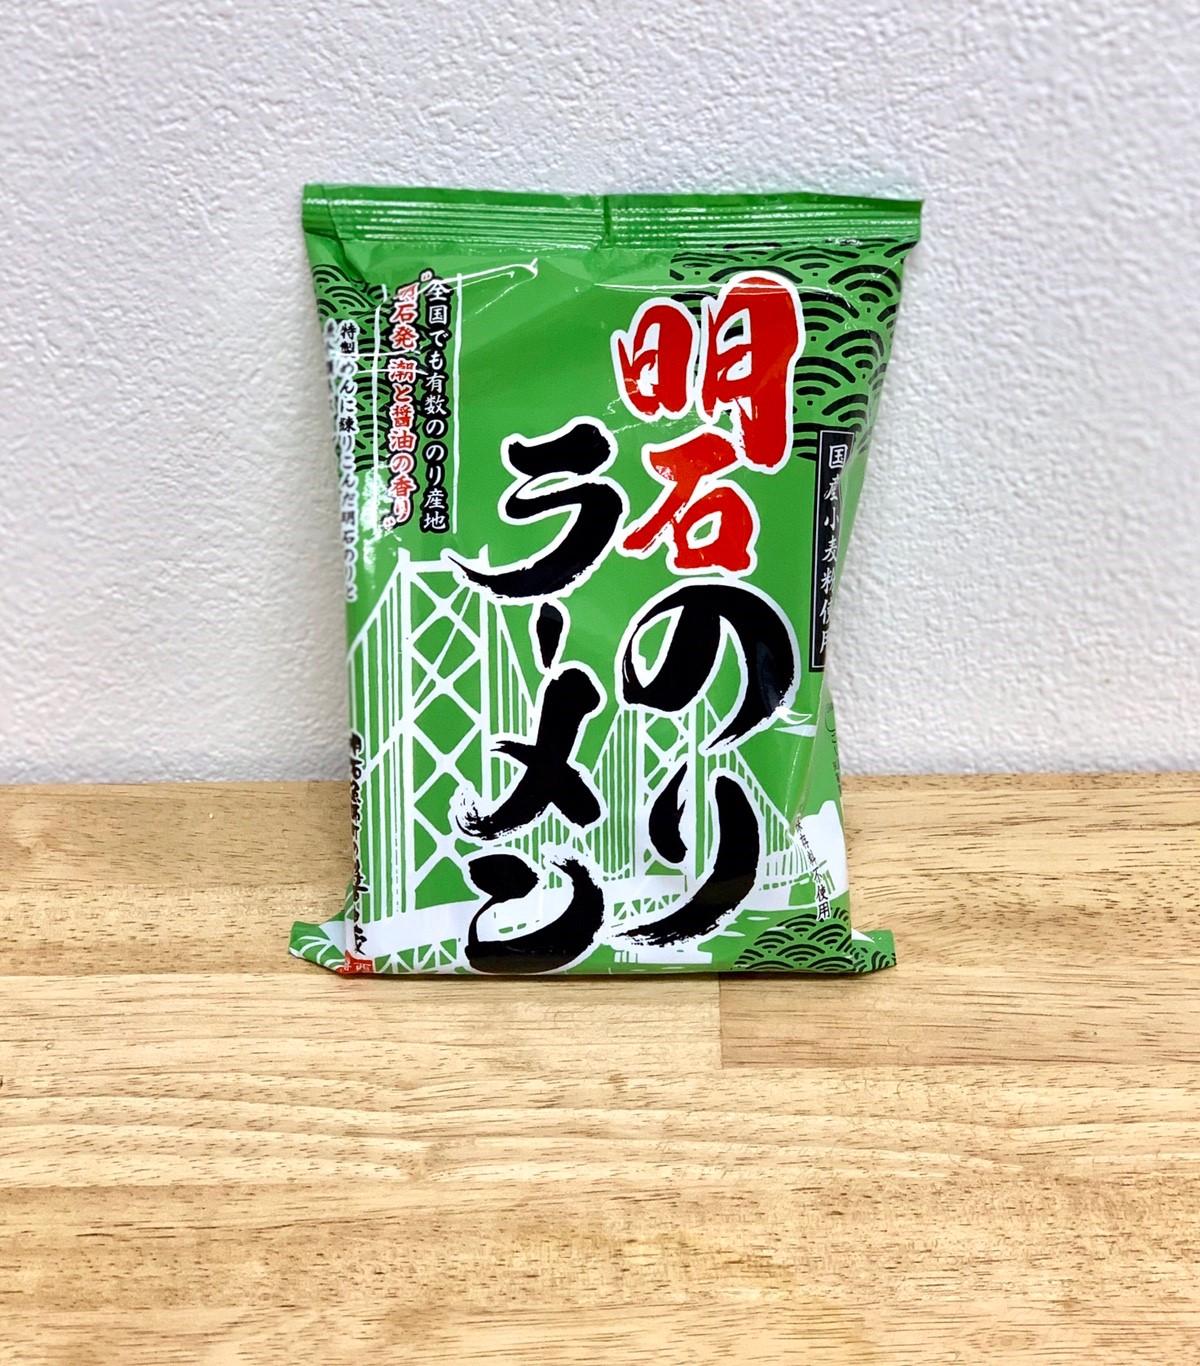 お取り寄せご当地ラーメン・兵庫『西海醤油』の明石のりラーメン。ラーメン女子・森本聡子セレクト